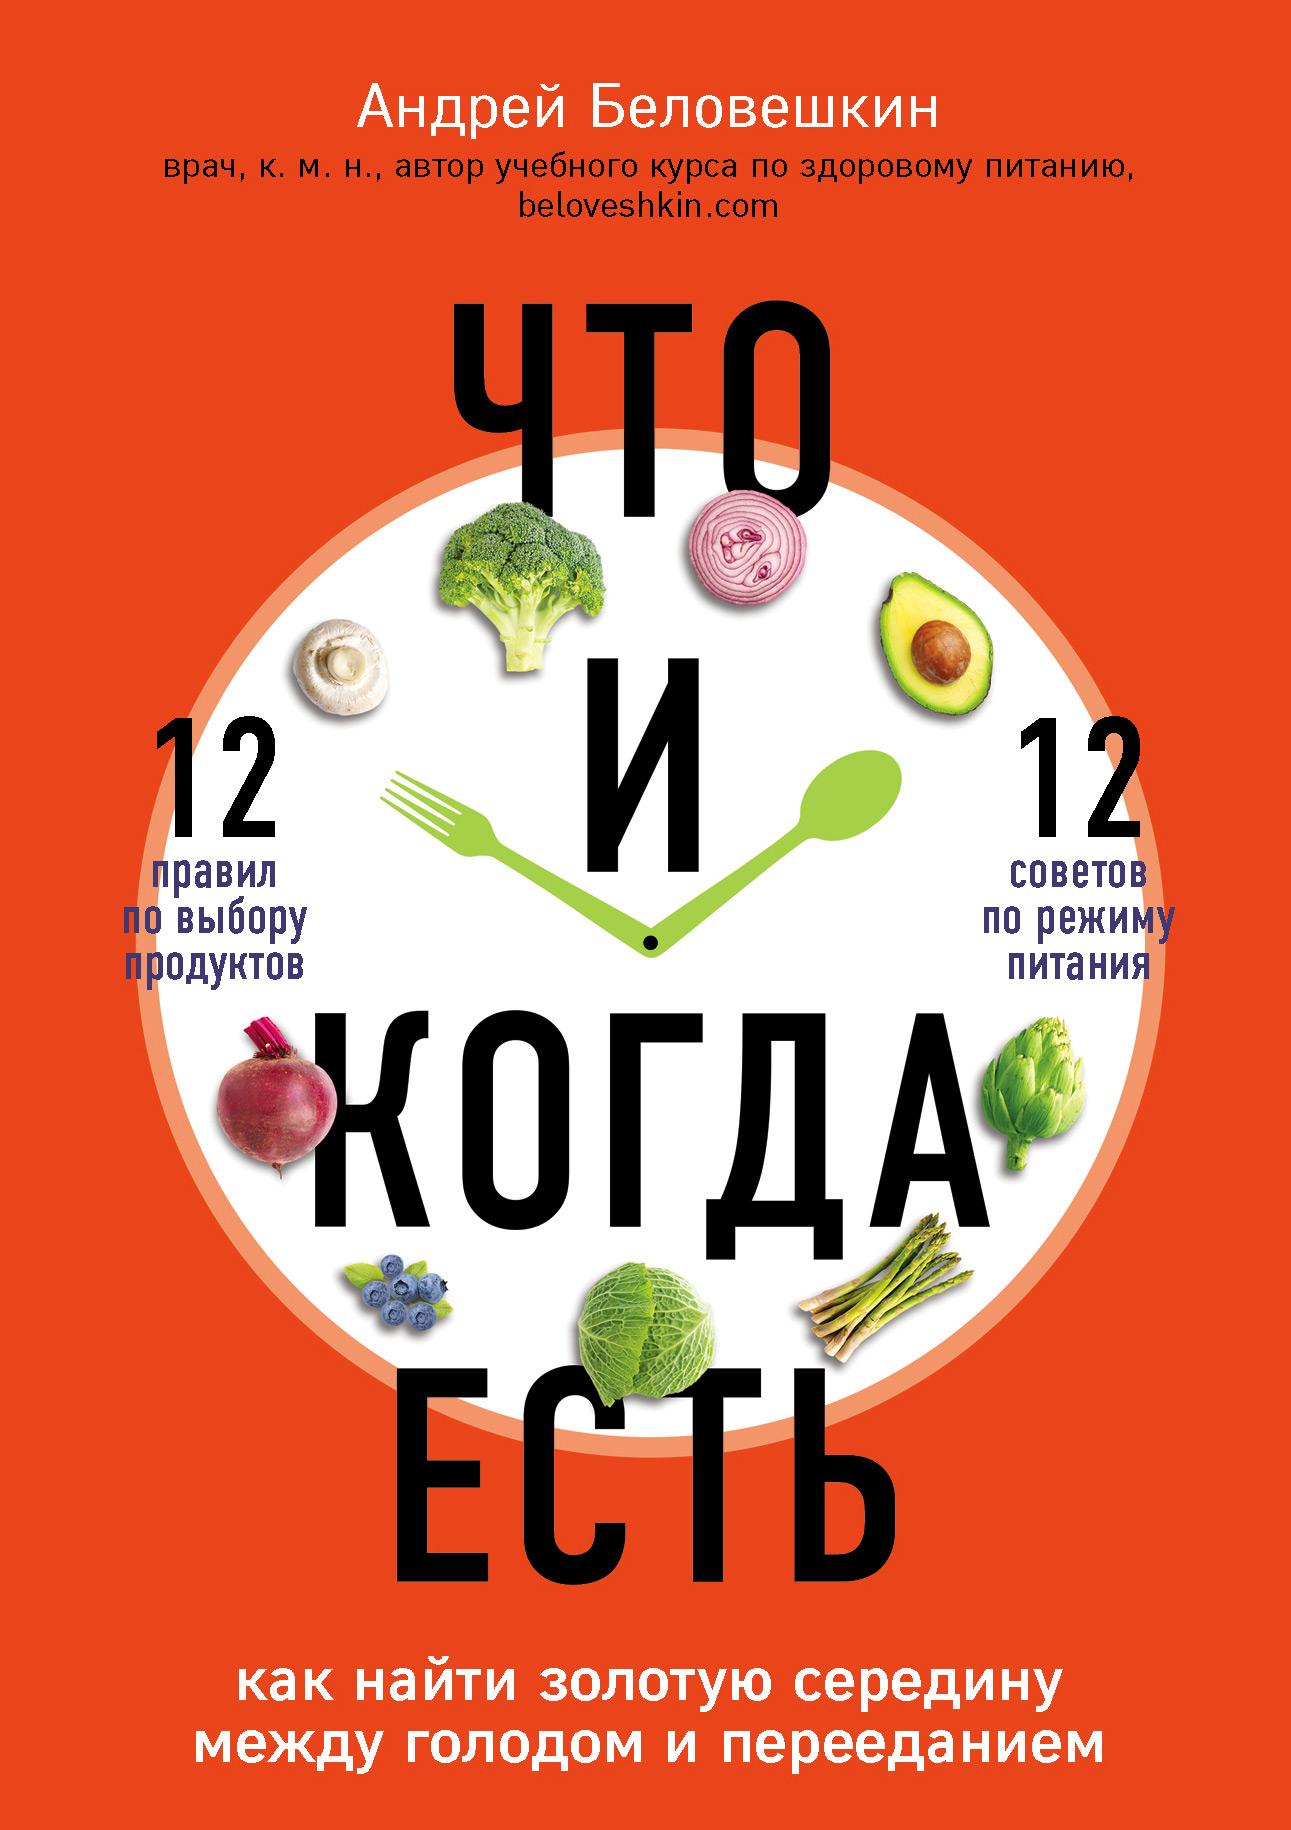 Андрей Беловешкин - Что и когда есть. Как найти золотую середину между голодом и перееданием